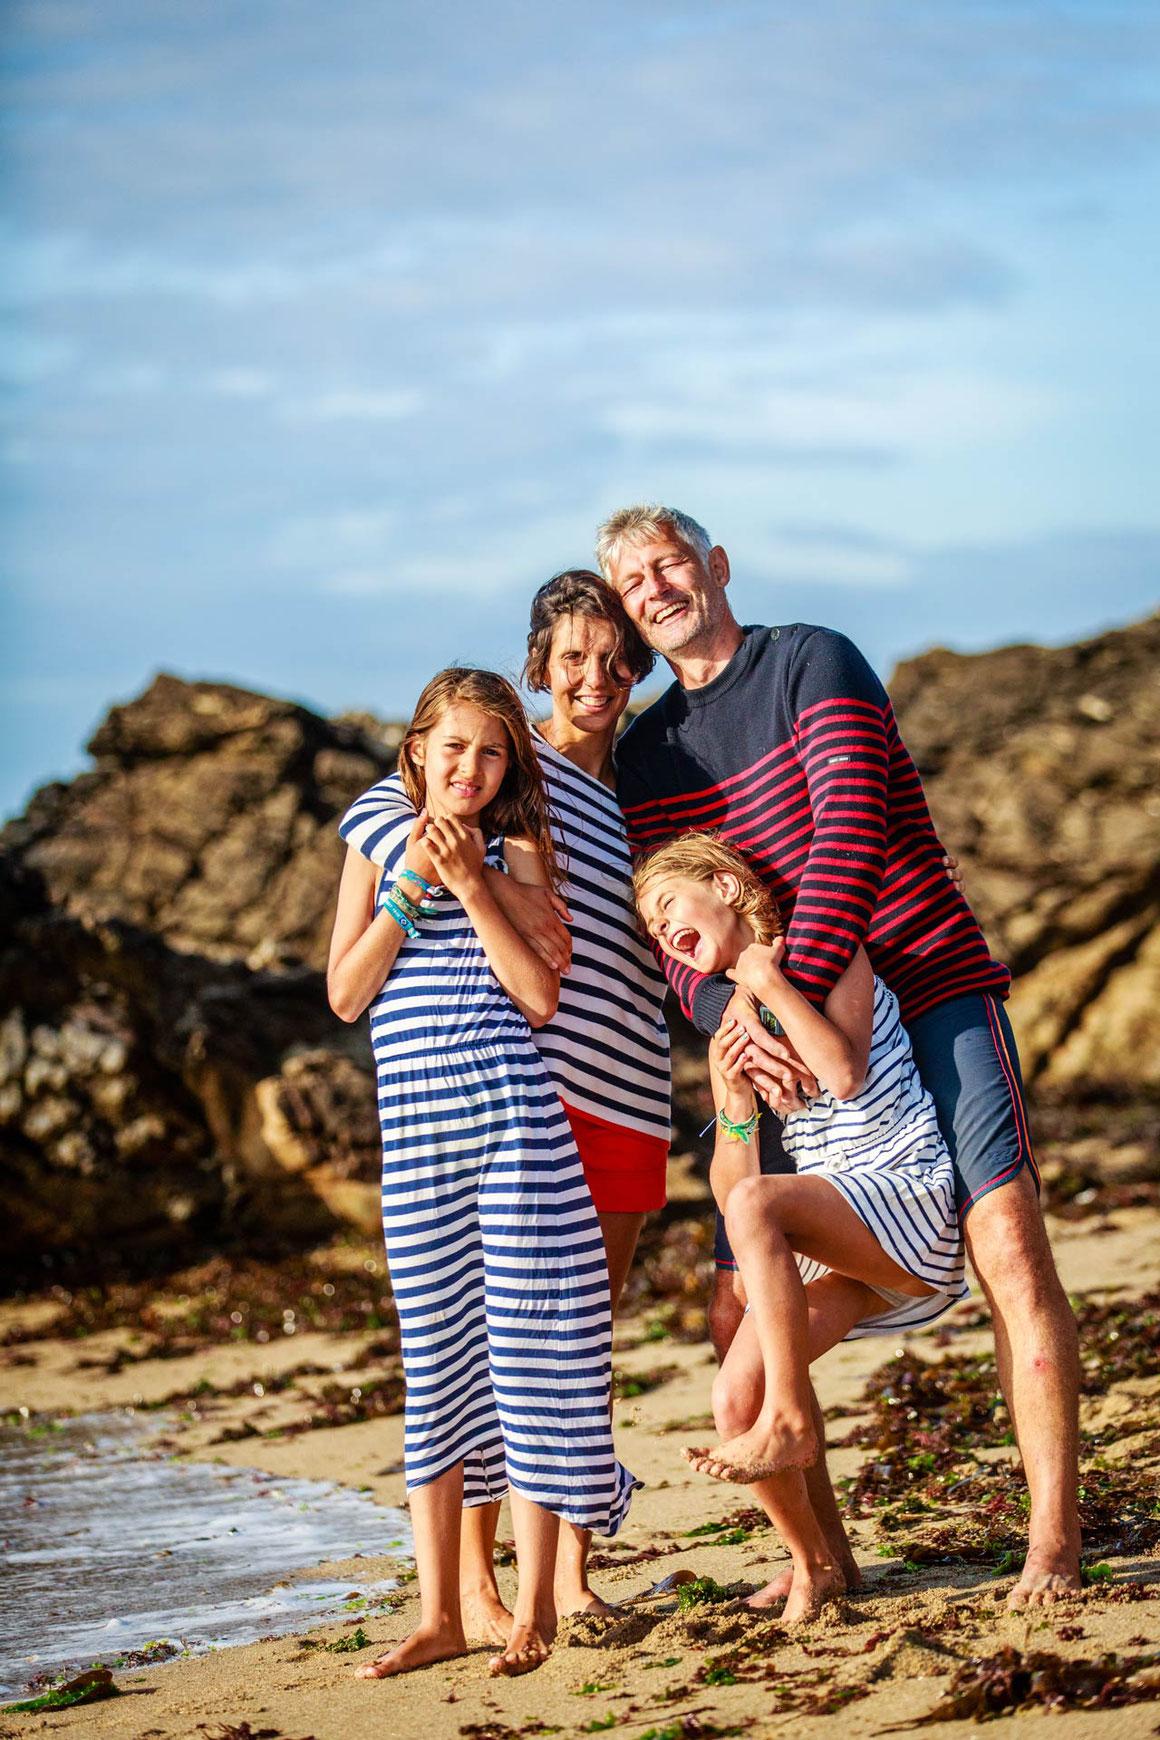 Séance photo portrait familles enfants- Photographe Loire atlantique, Morbihan avec le Photographe Professionnel Nils Dessale